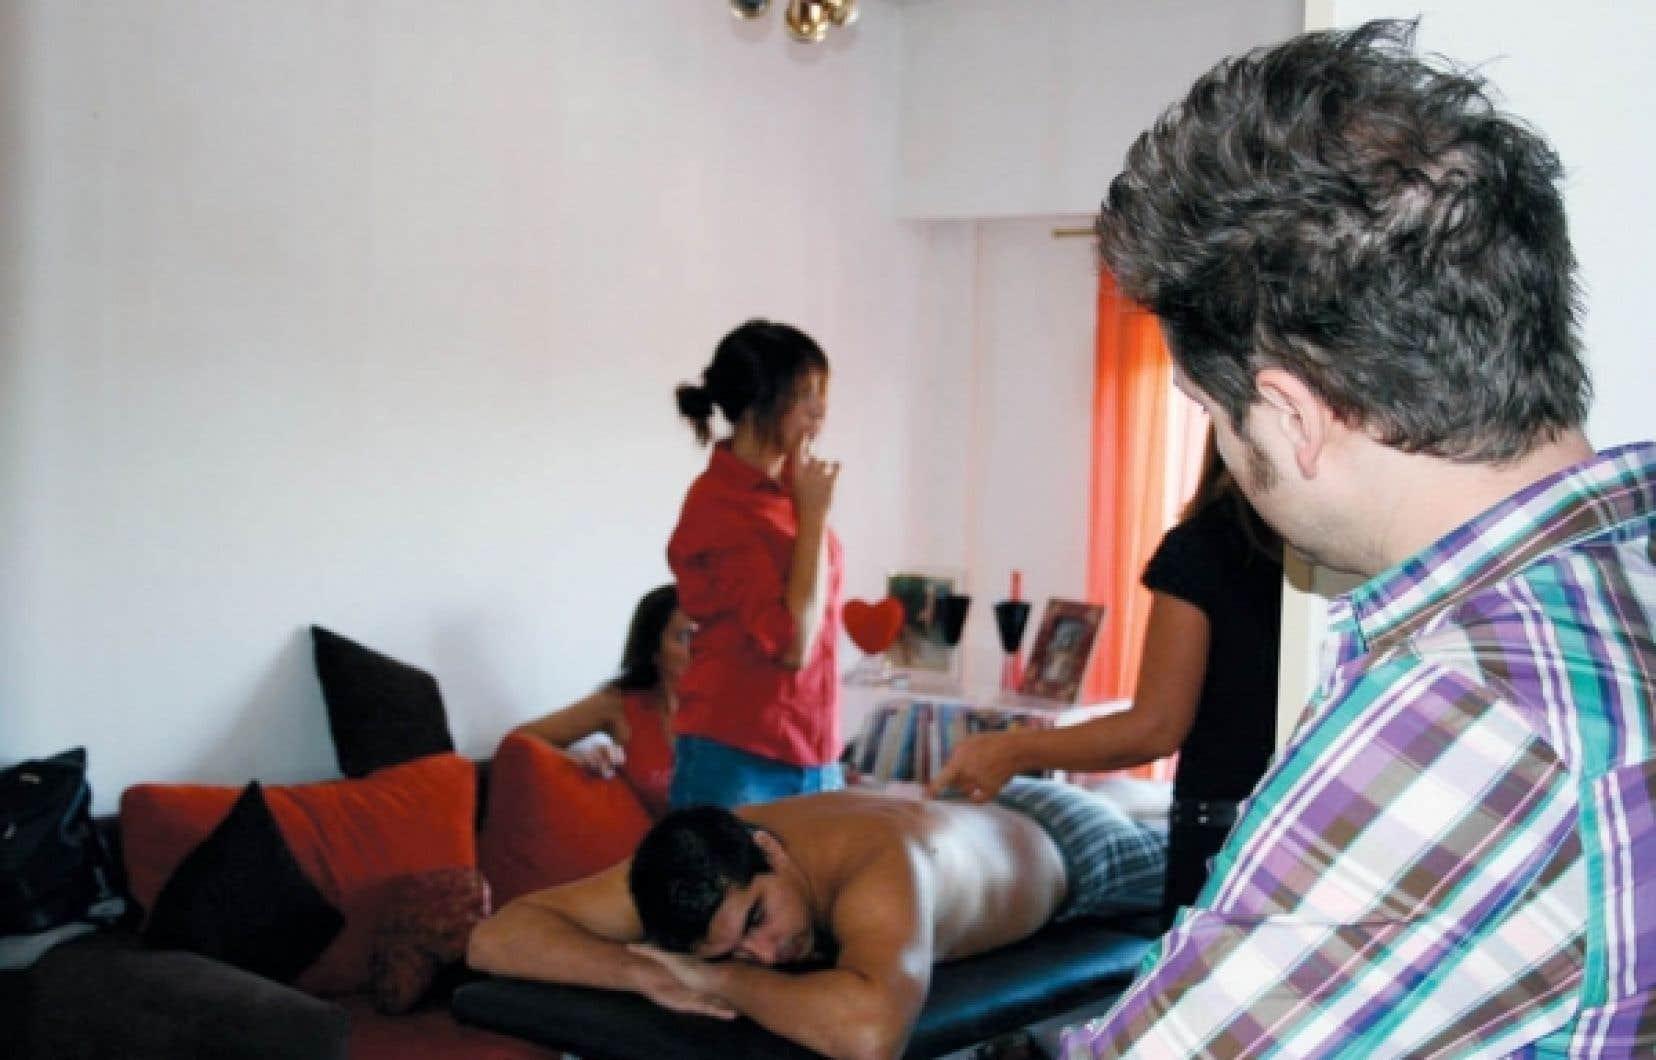 L'animateur de Sexe autour du monde observe discrètement un cours de massage érotique en Argentine, le pays proclamé des meilleurs amants.